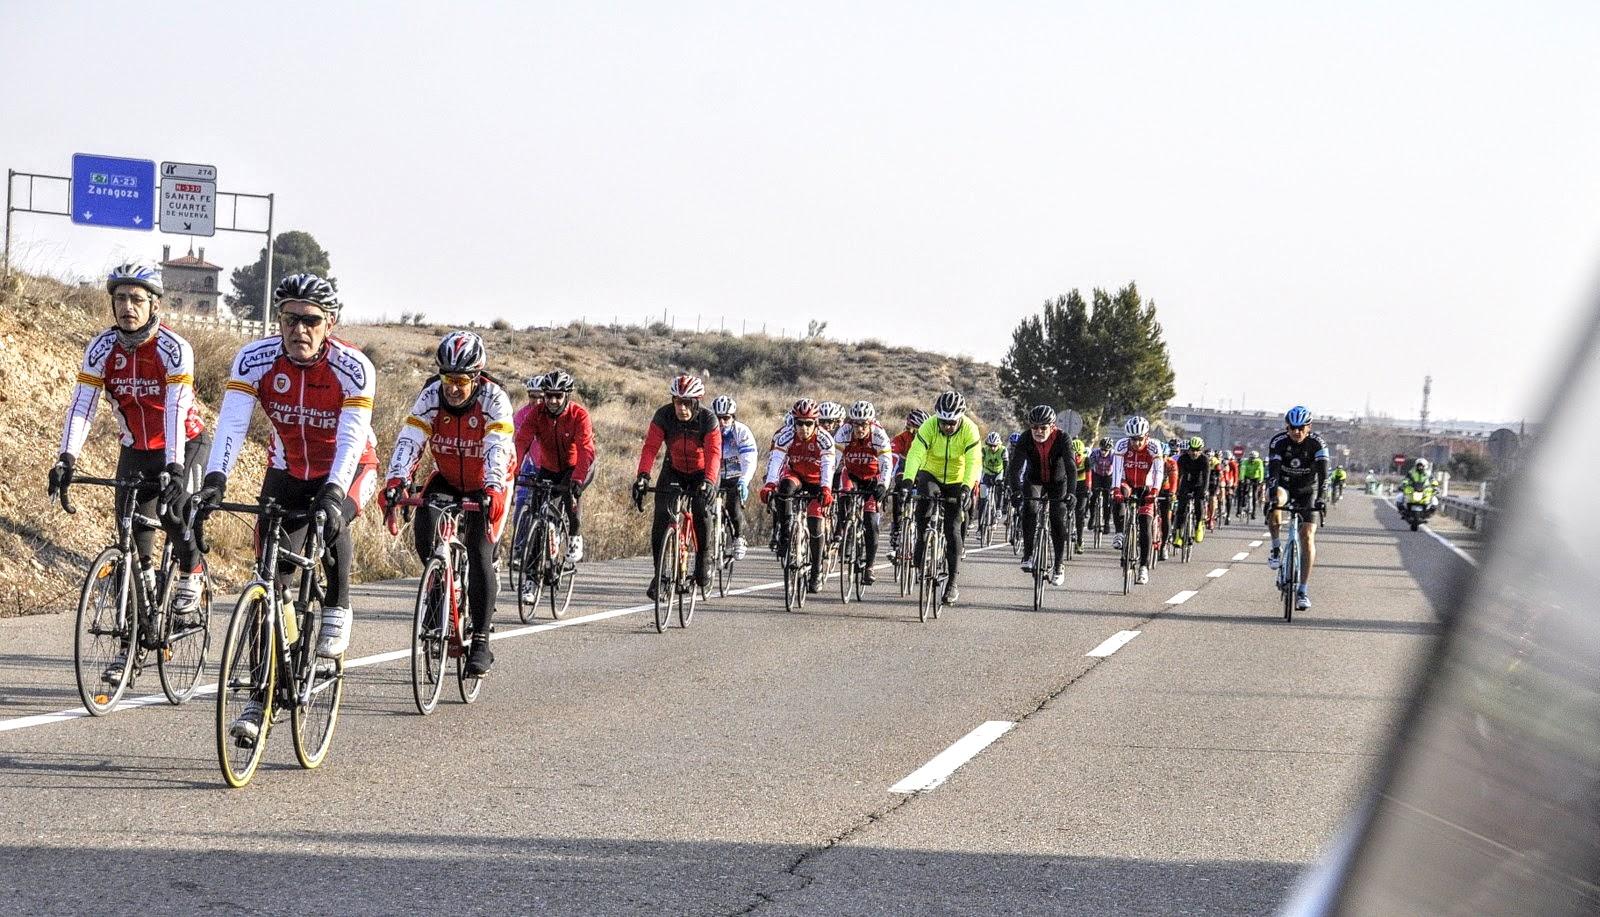 Salida a Dorleta junto a otros clubes de Zaragoza y provincia como protesta reivindicativa sobre los accidentes en bicicleta, atropellos y seguridad vial.